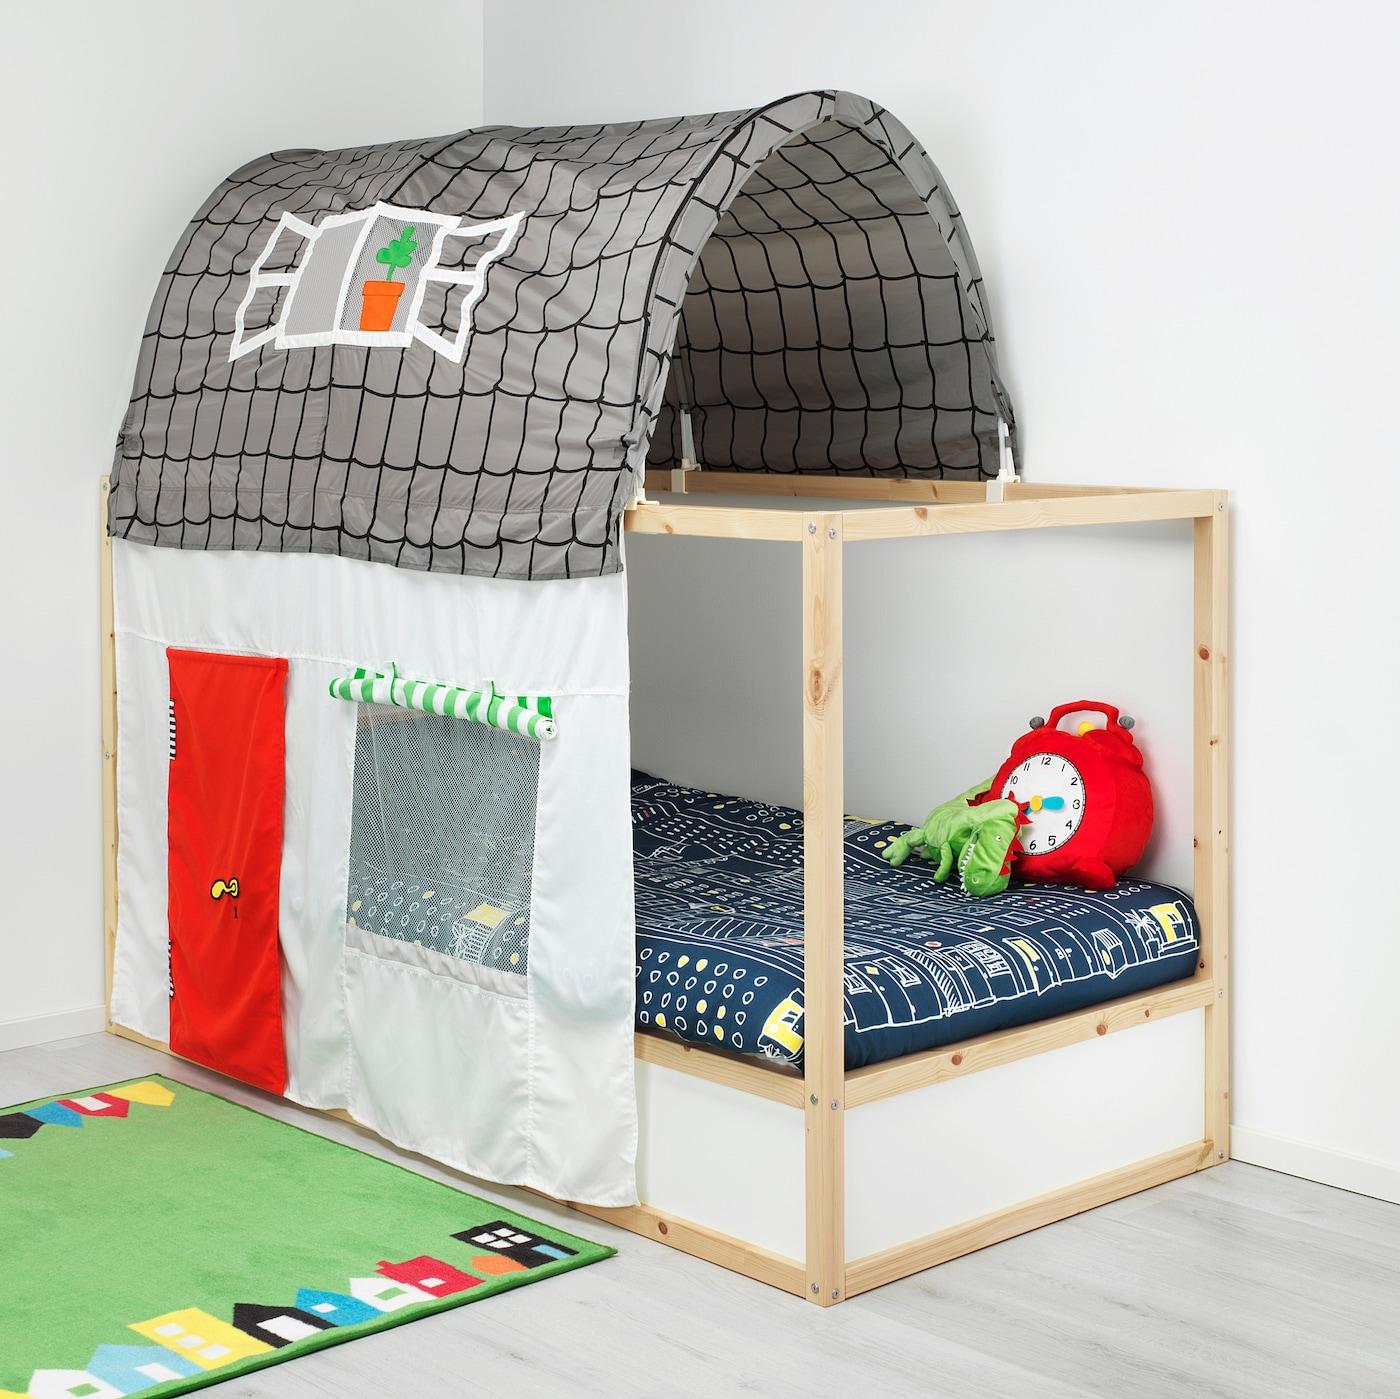 Letto A Castello Con Scivolo Ikea.Kura Letto Reversibile Bianco Pino 90x200 Cm Ikea